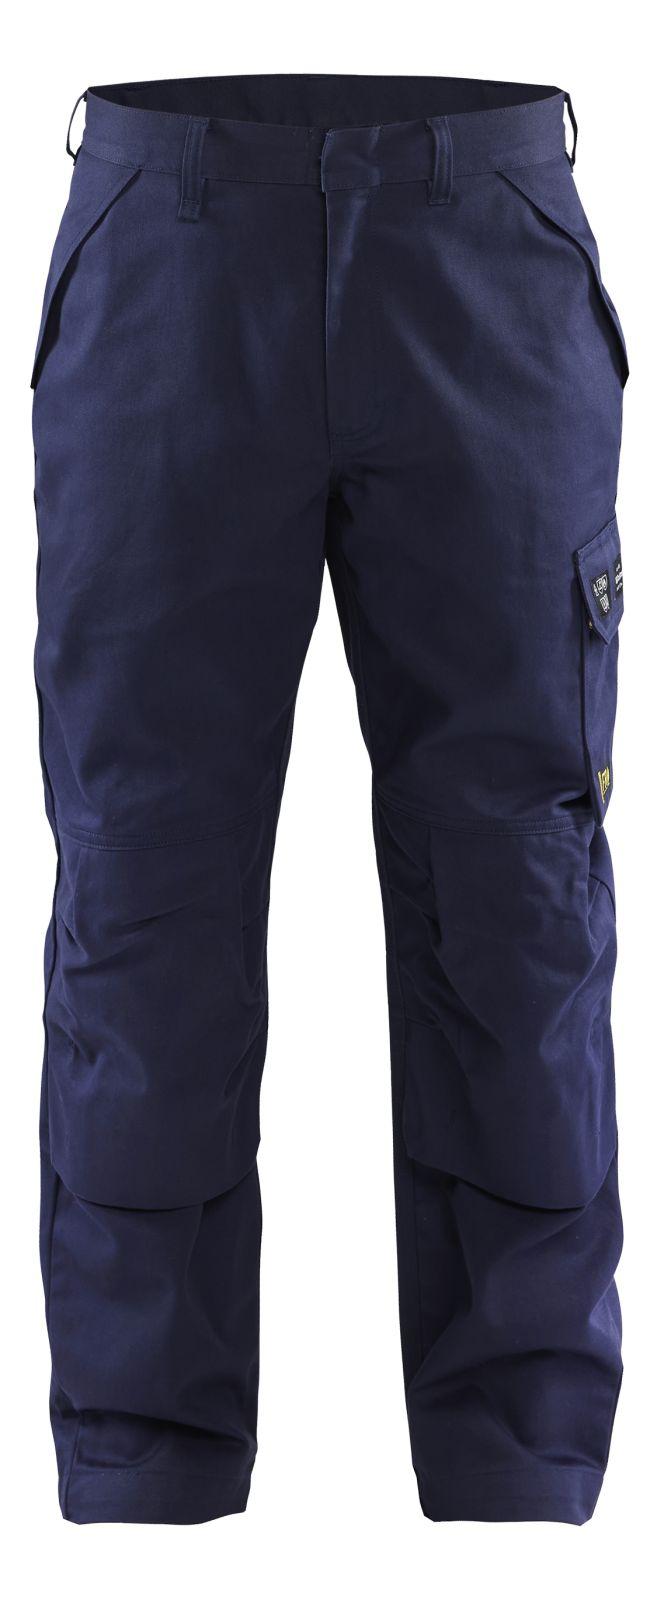 Blaklader Werkbroeken 17241516 Vlamvertragend marineblauw(8900)